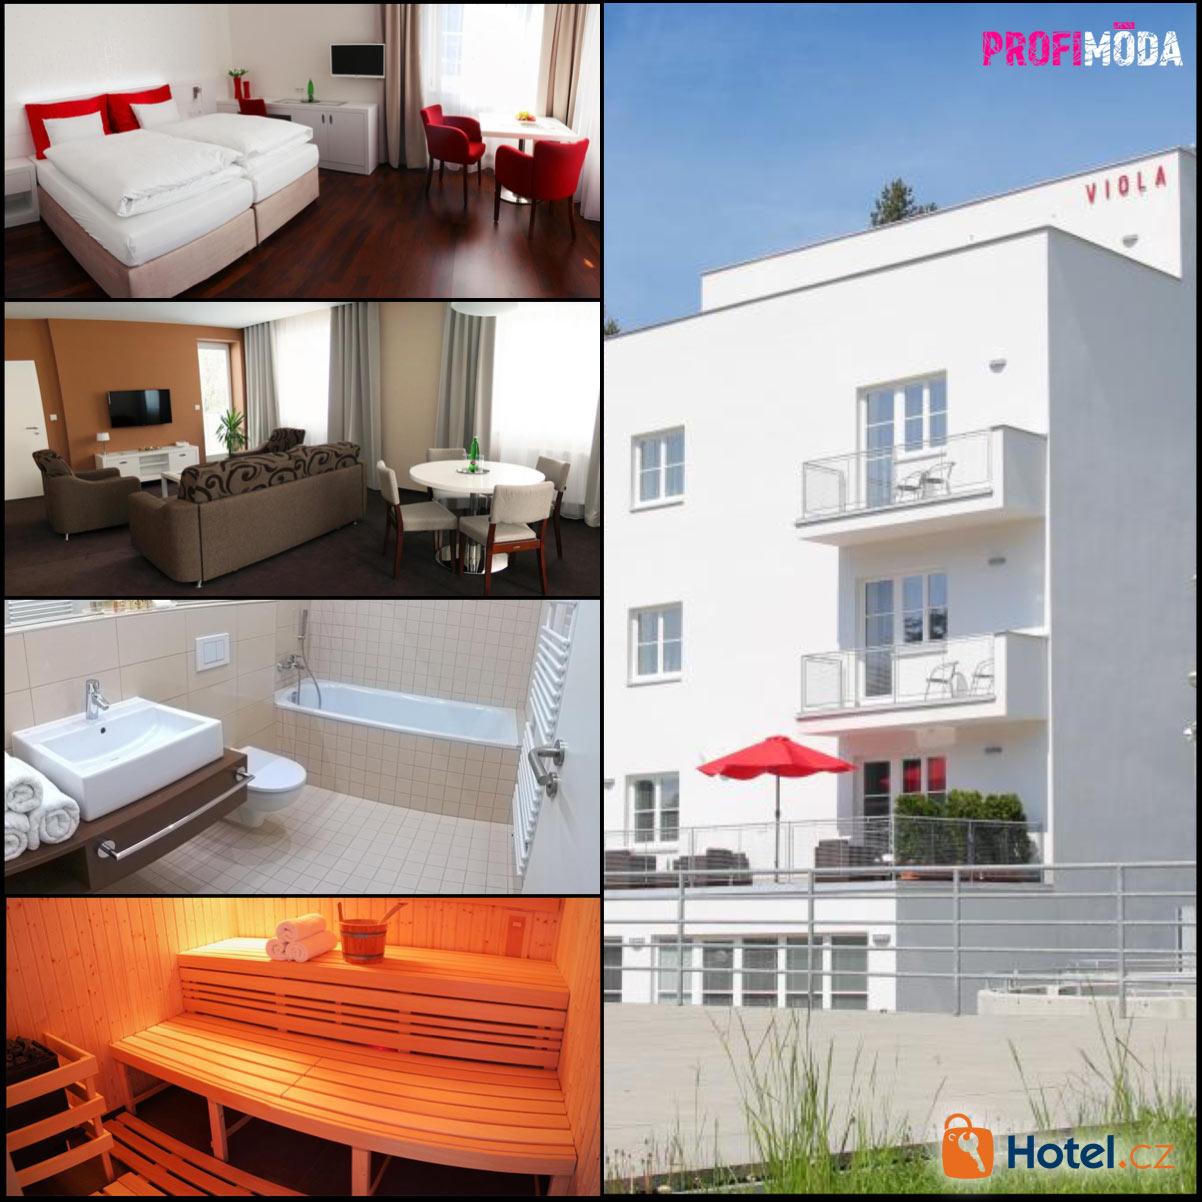 Užijte si krásu funkcionalismu. Hotel Vila Viola stojí ve slavné Bílé čtvrti v Luhačovicích.